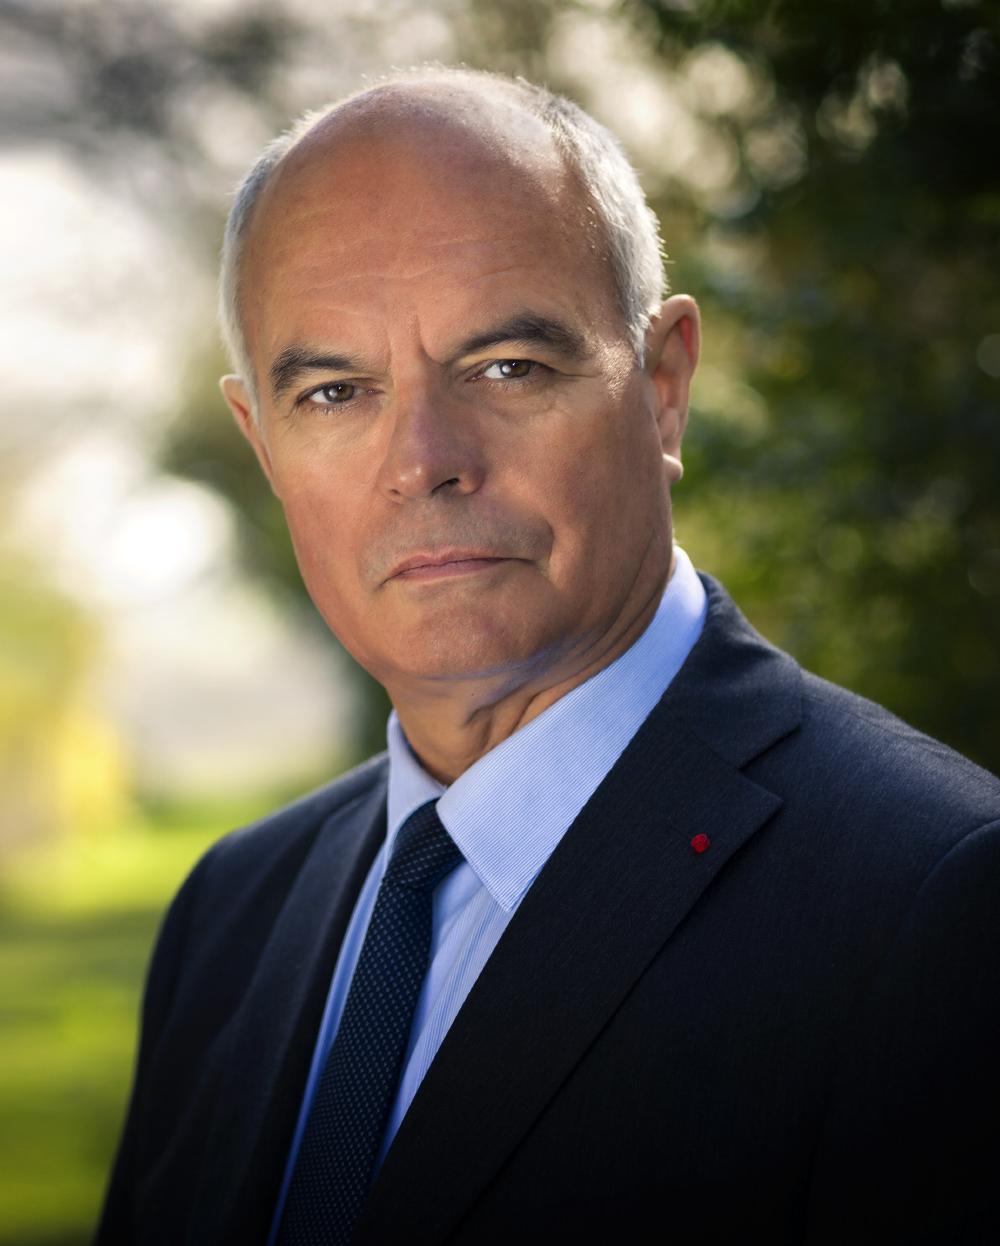 Général Didier Tauzin, Rebâtir la France, Thierry Russo-Delattre Photographie